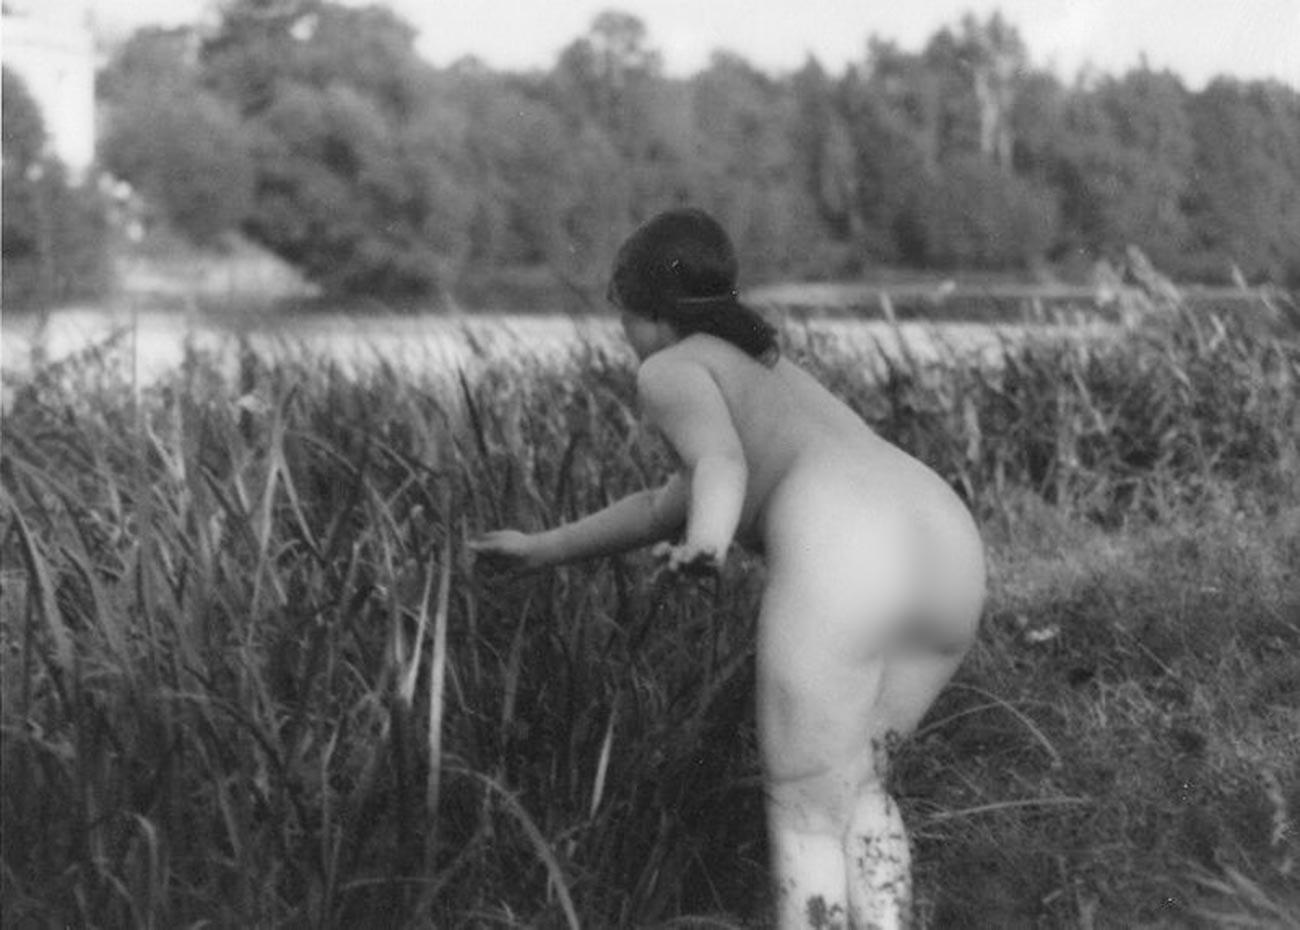 裸婦。1920年代